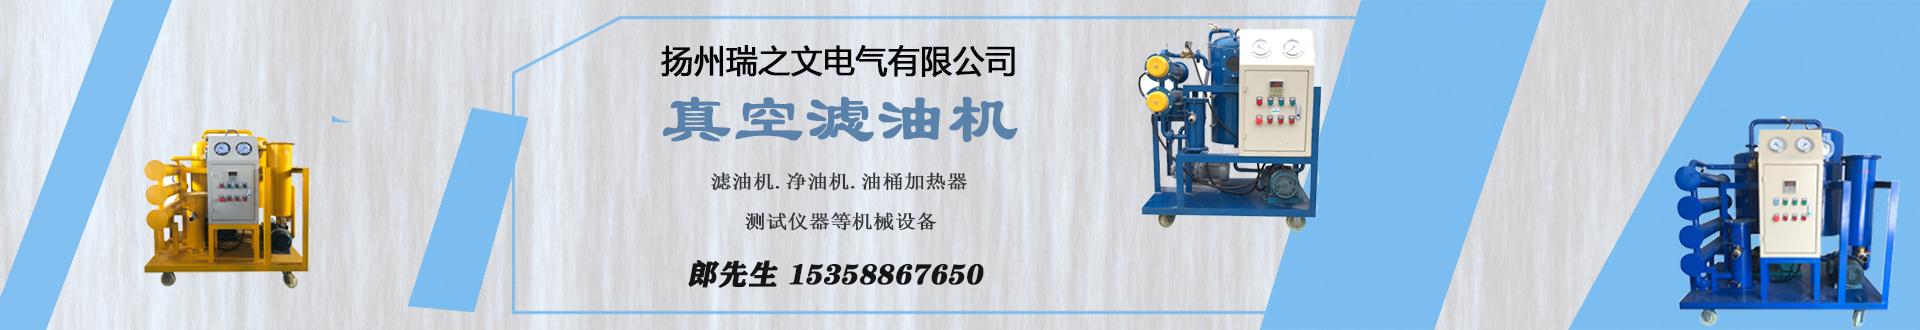 扬州瑞之文电气有限公司